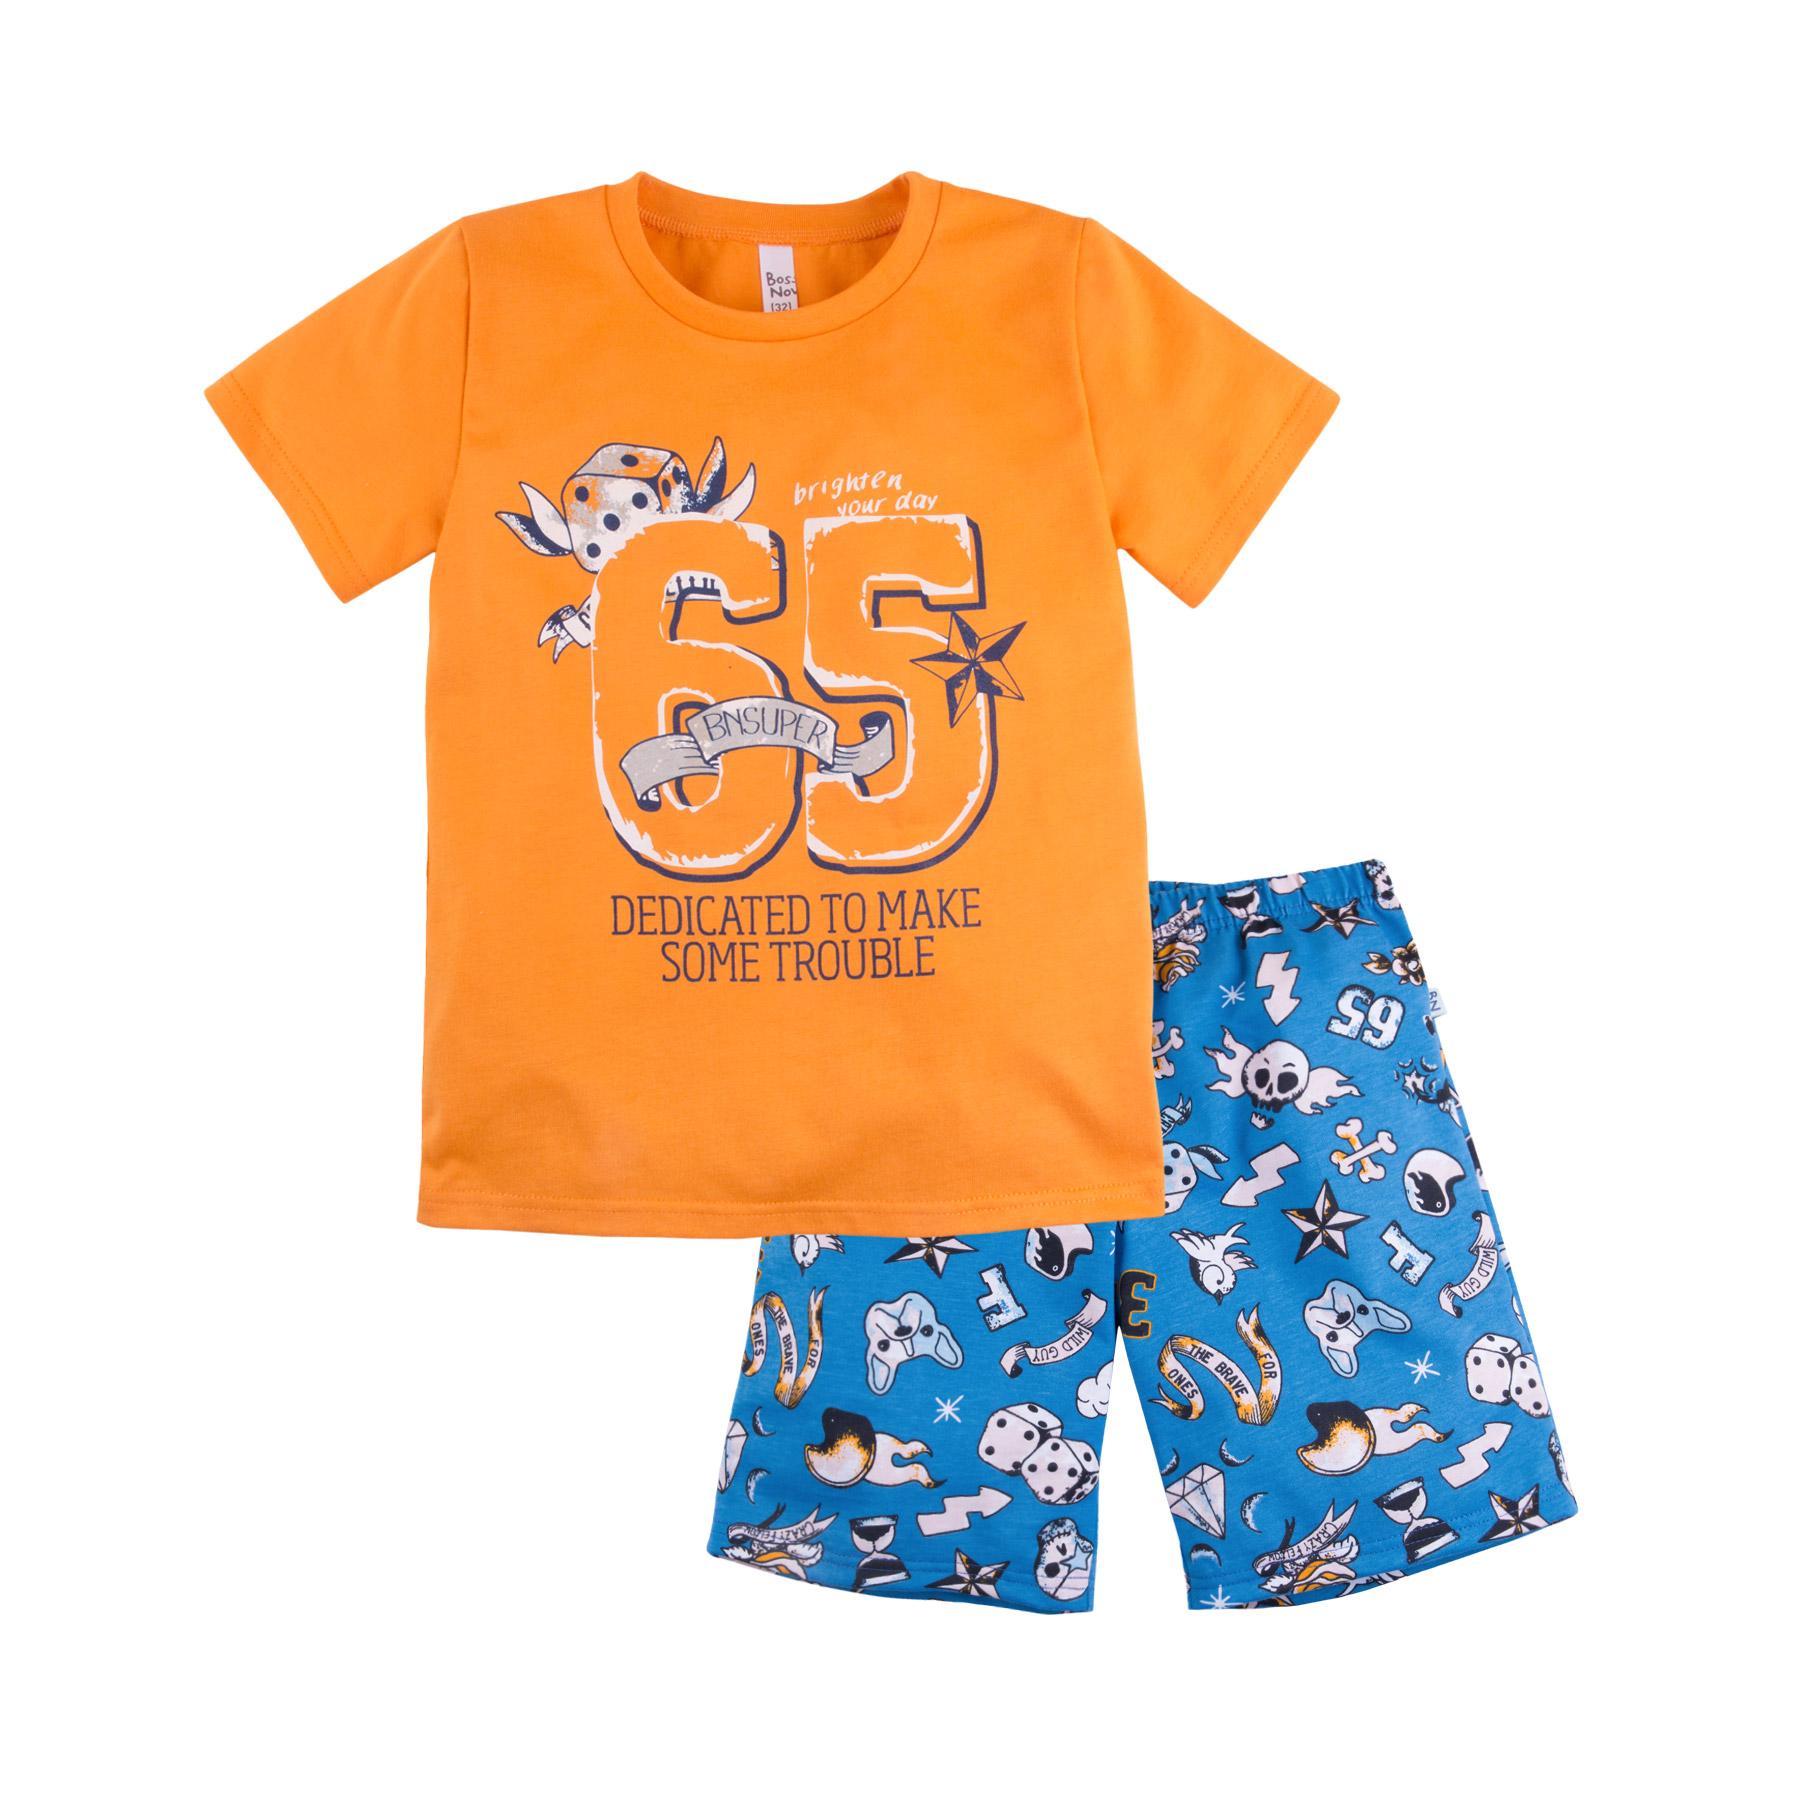 Купить Пижама Bossa Nova Тату для мальчика: футболка и шорты, оранжевая, Журавлик, Россия, Оранжевый, 134